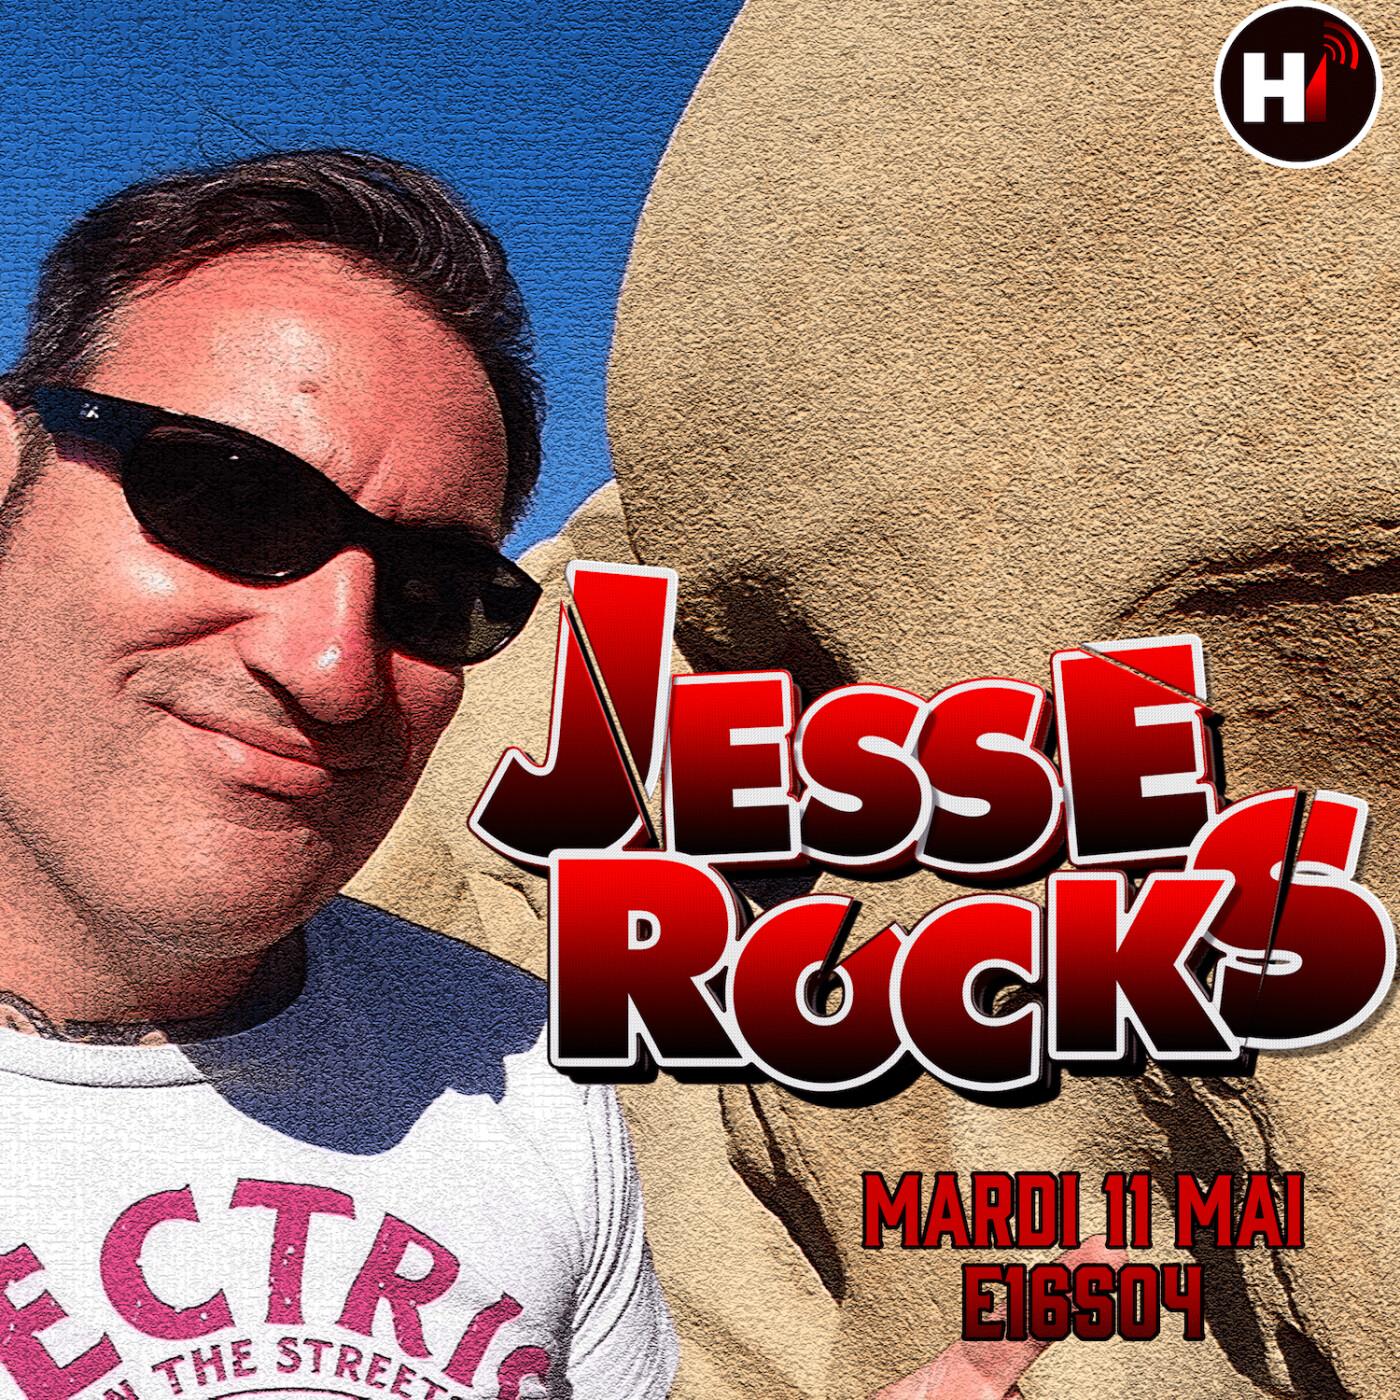 Jesse Rocks #16 Saison 4